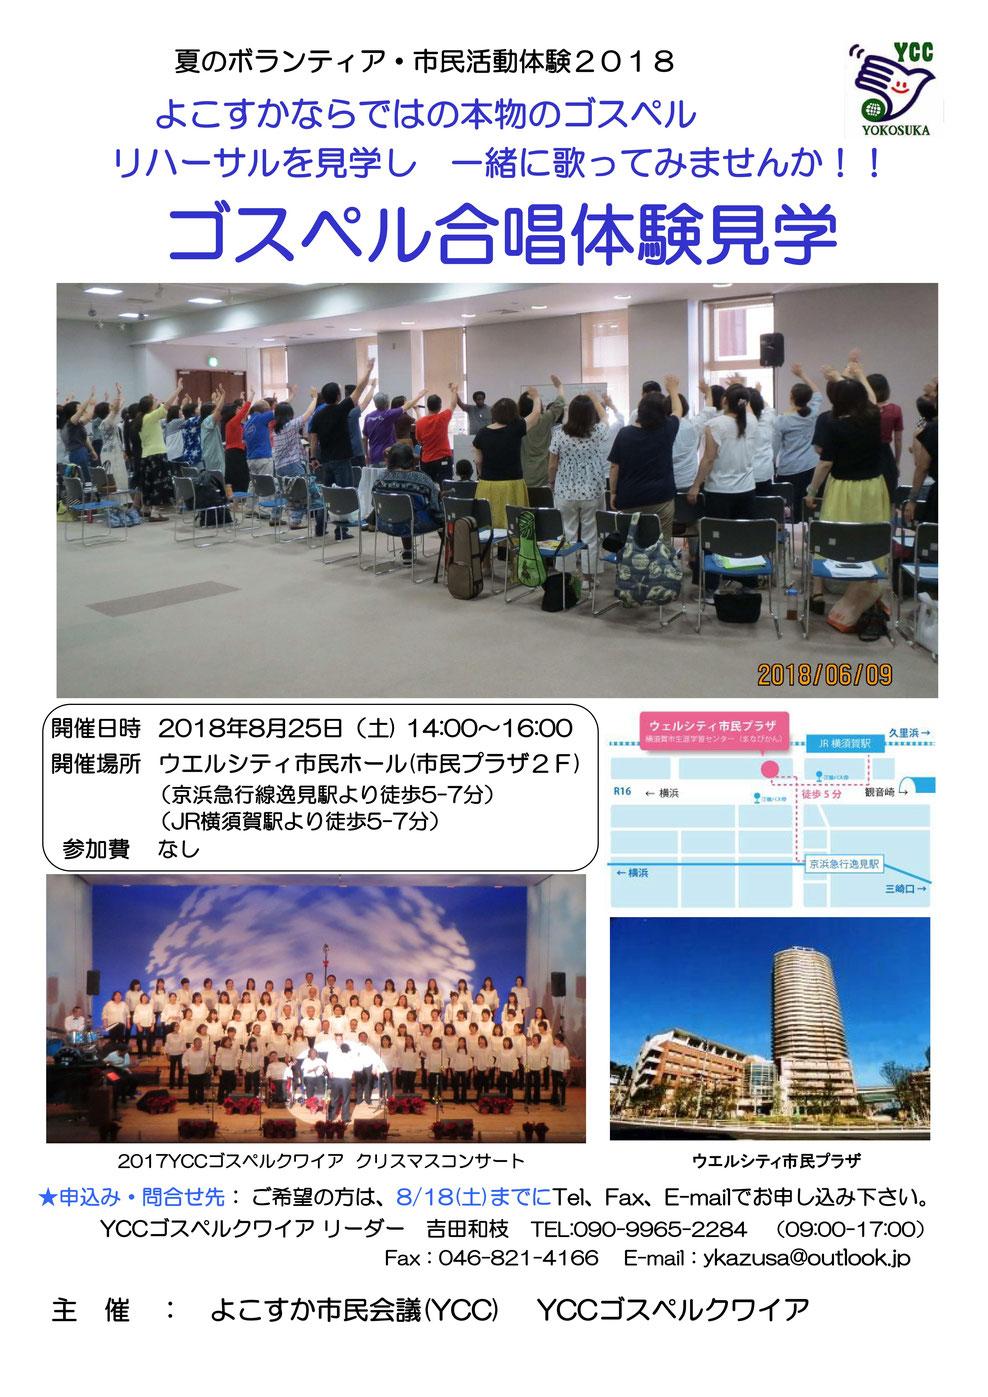 2018年8月25日開催予定のゴスペル合唱体験見学のリーフレット(日時、場所、参加費、地図、申し込み先)